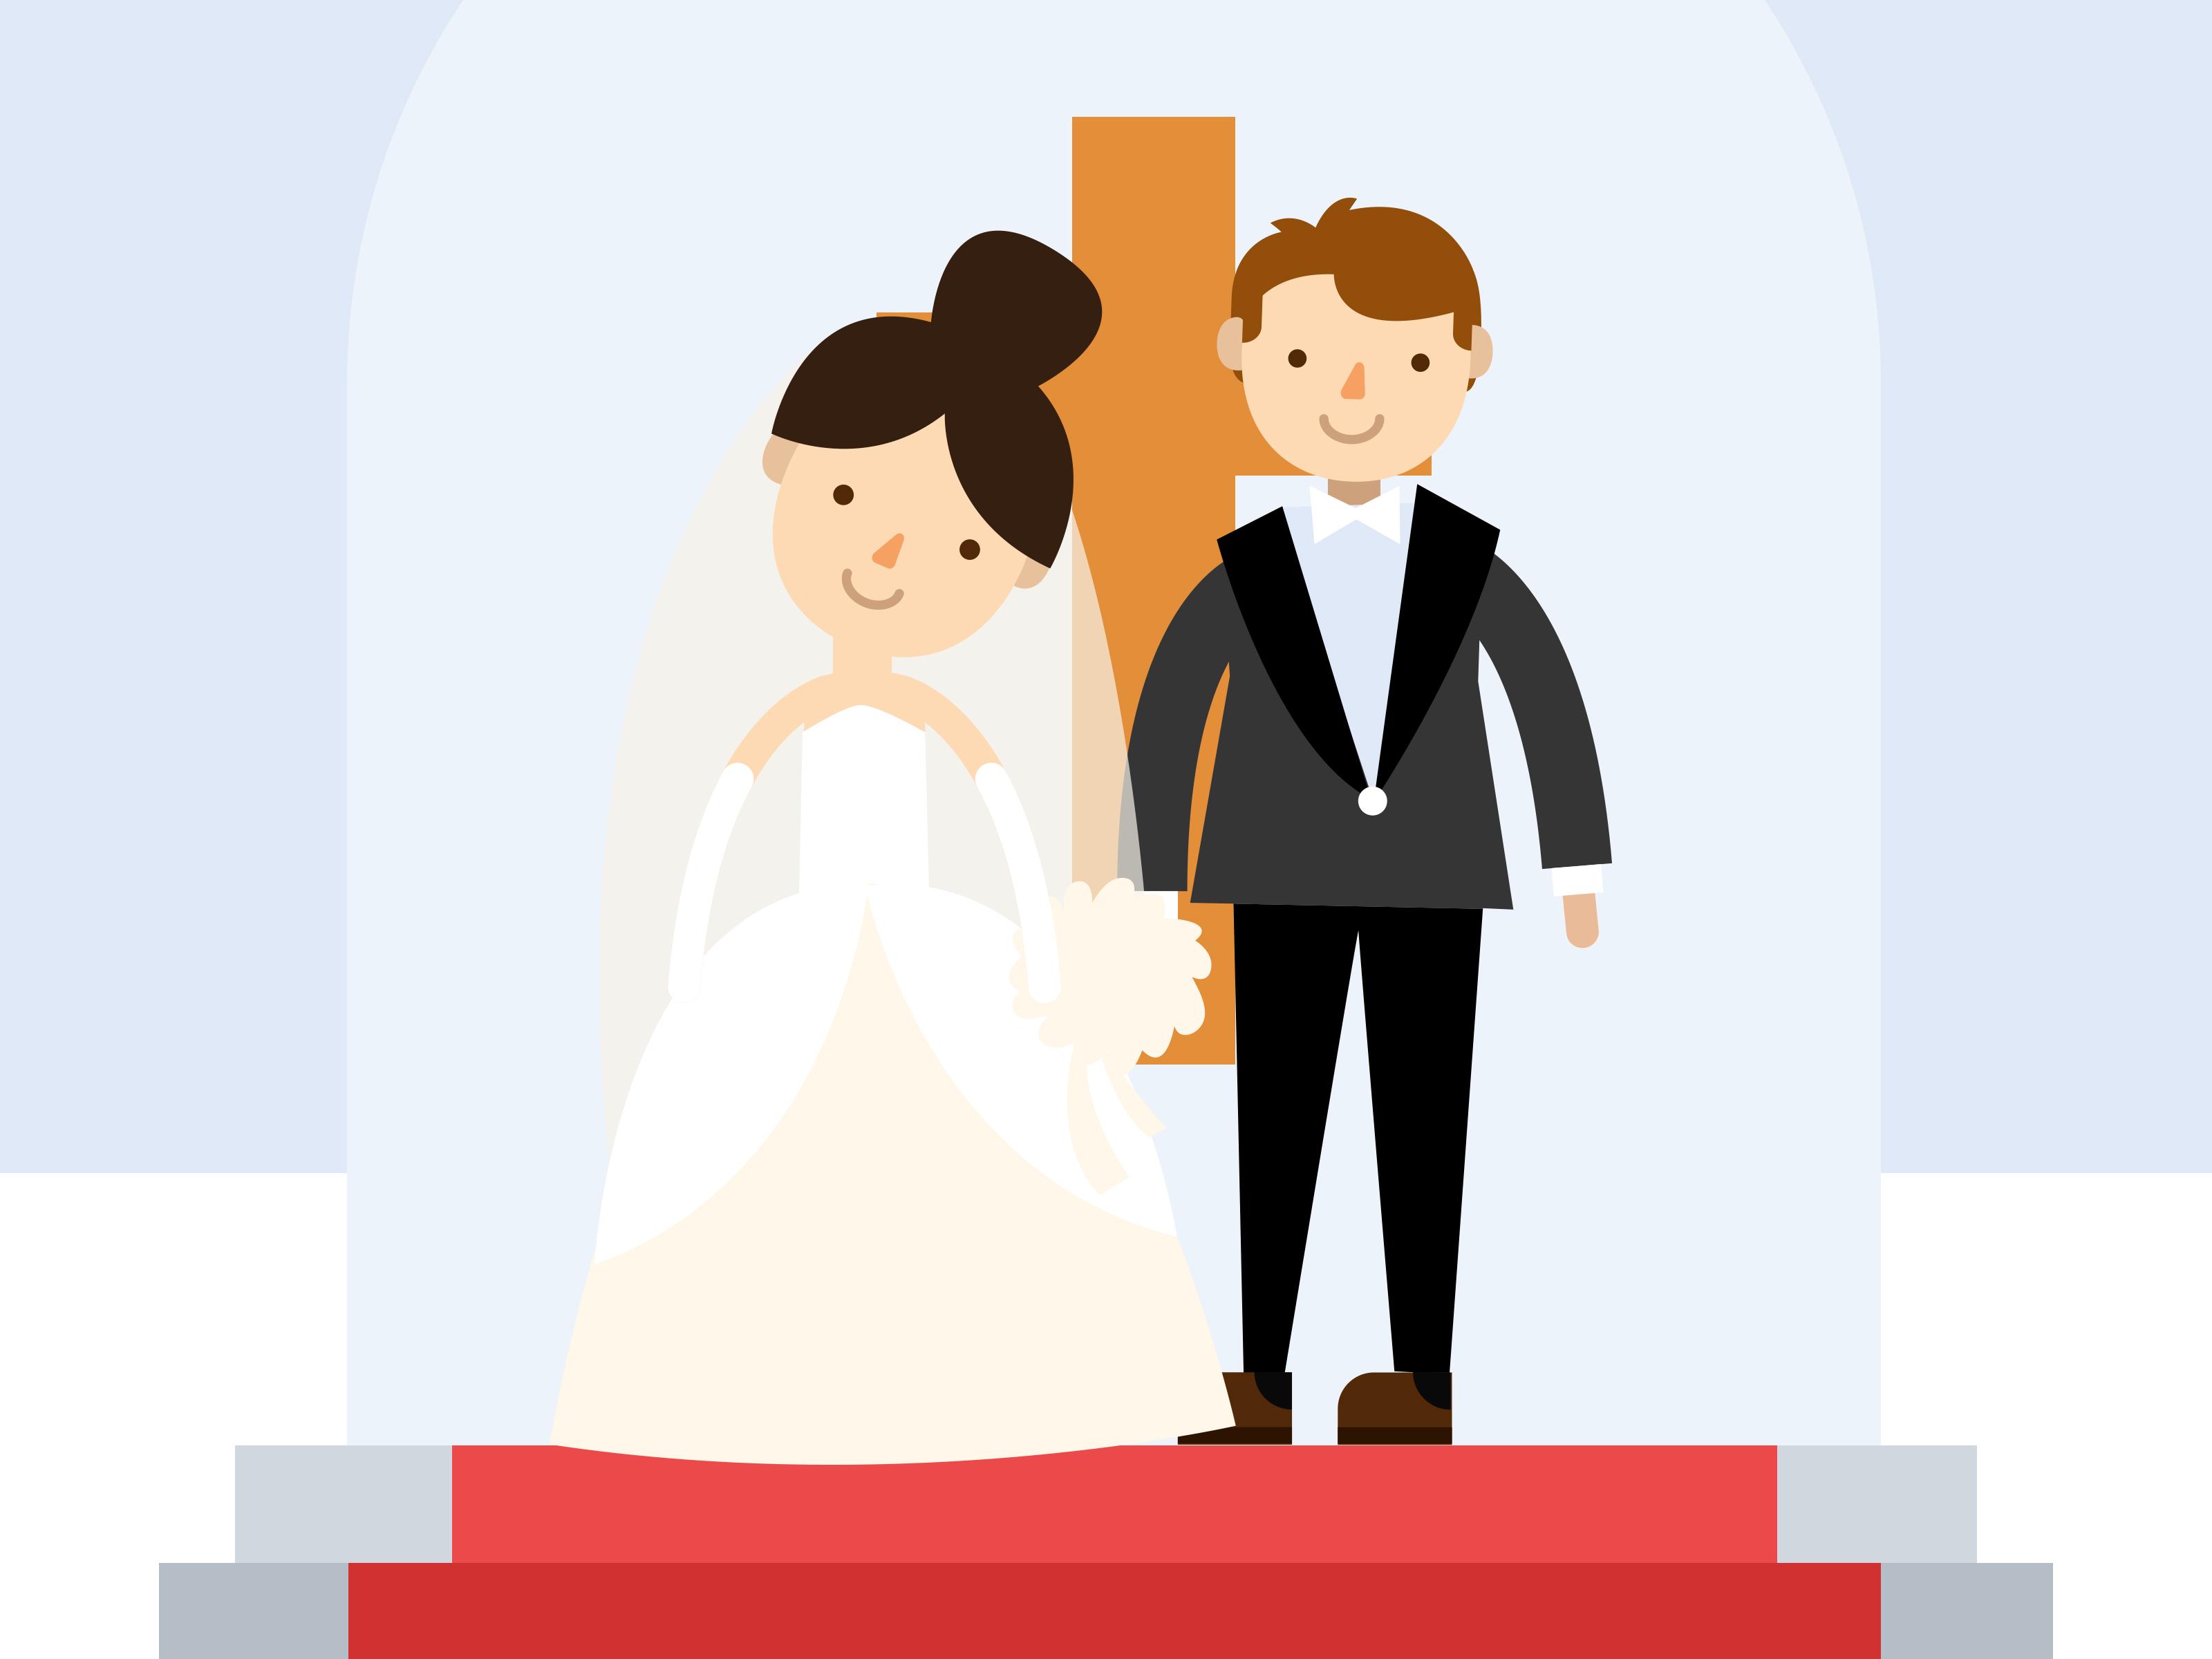 Vì sao cần loại bỏ một số ảo tưởng trong hôn nhân?